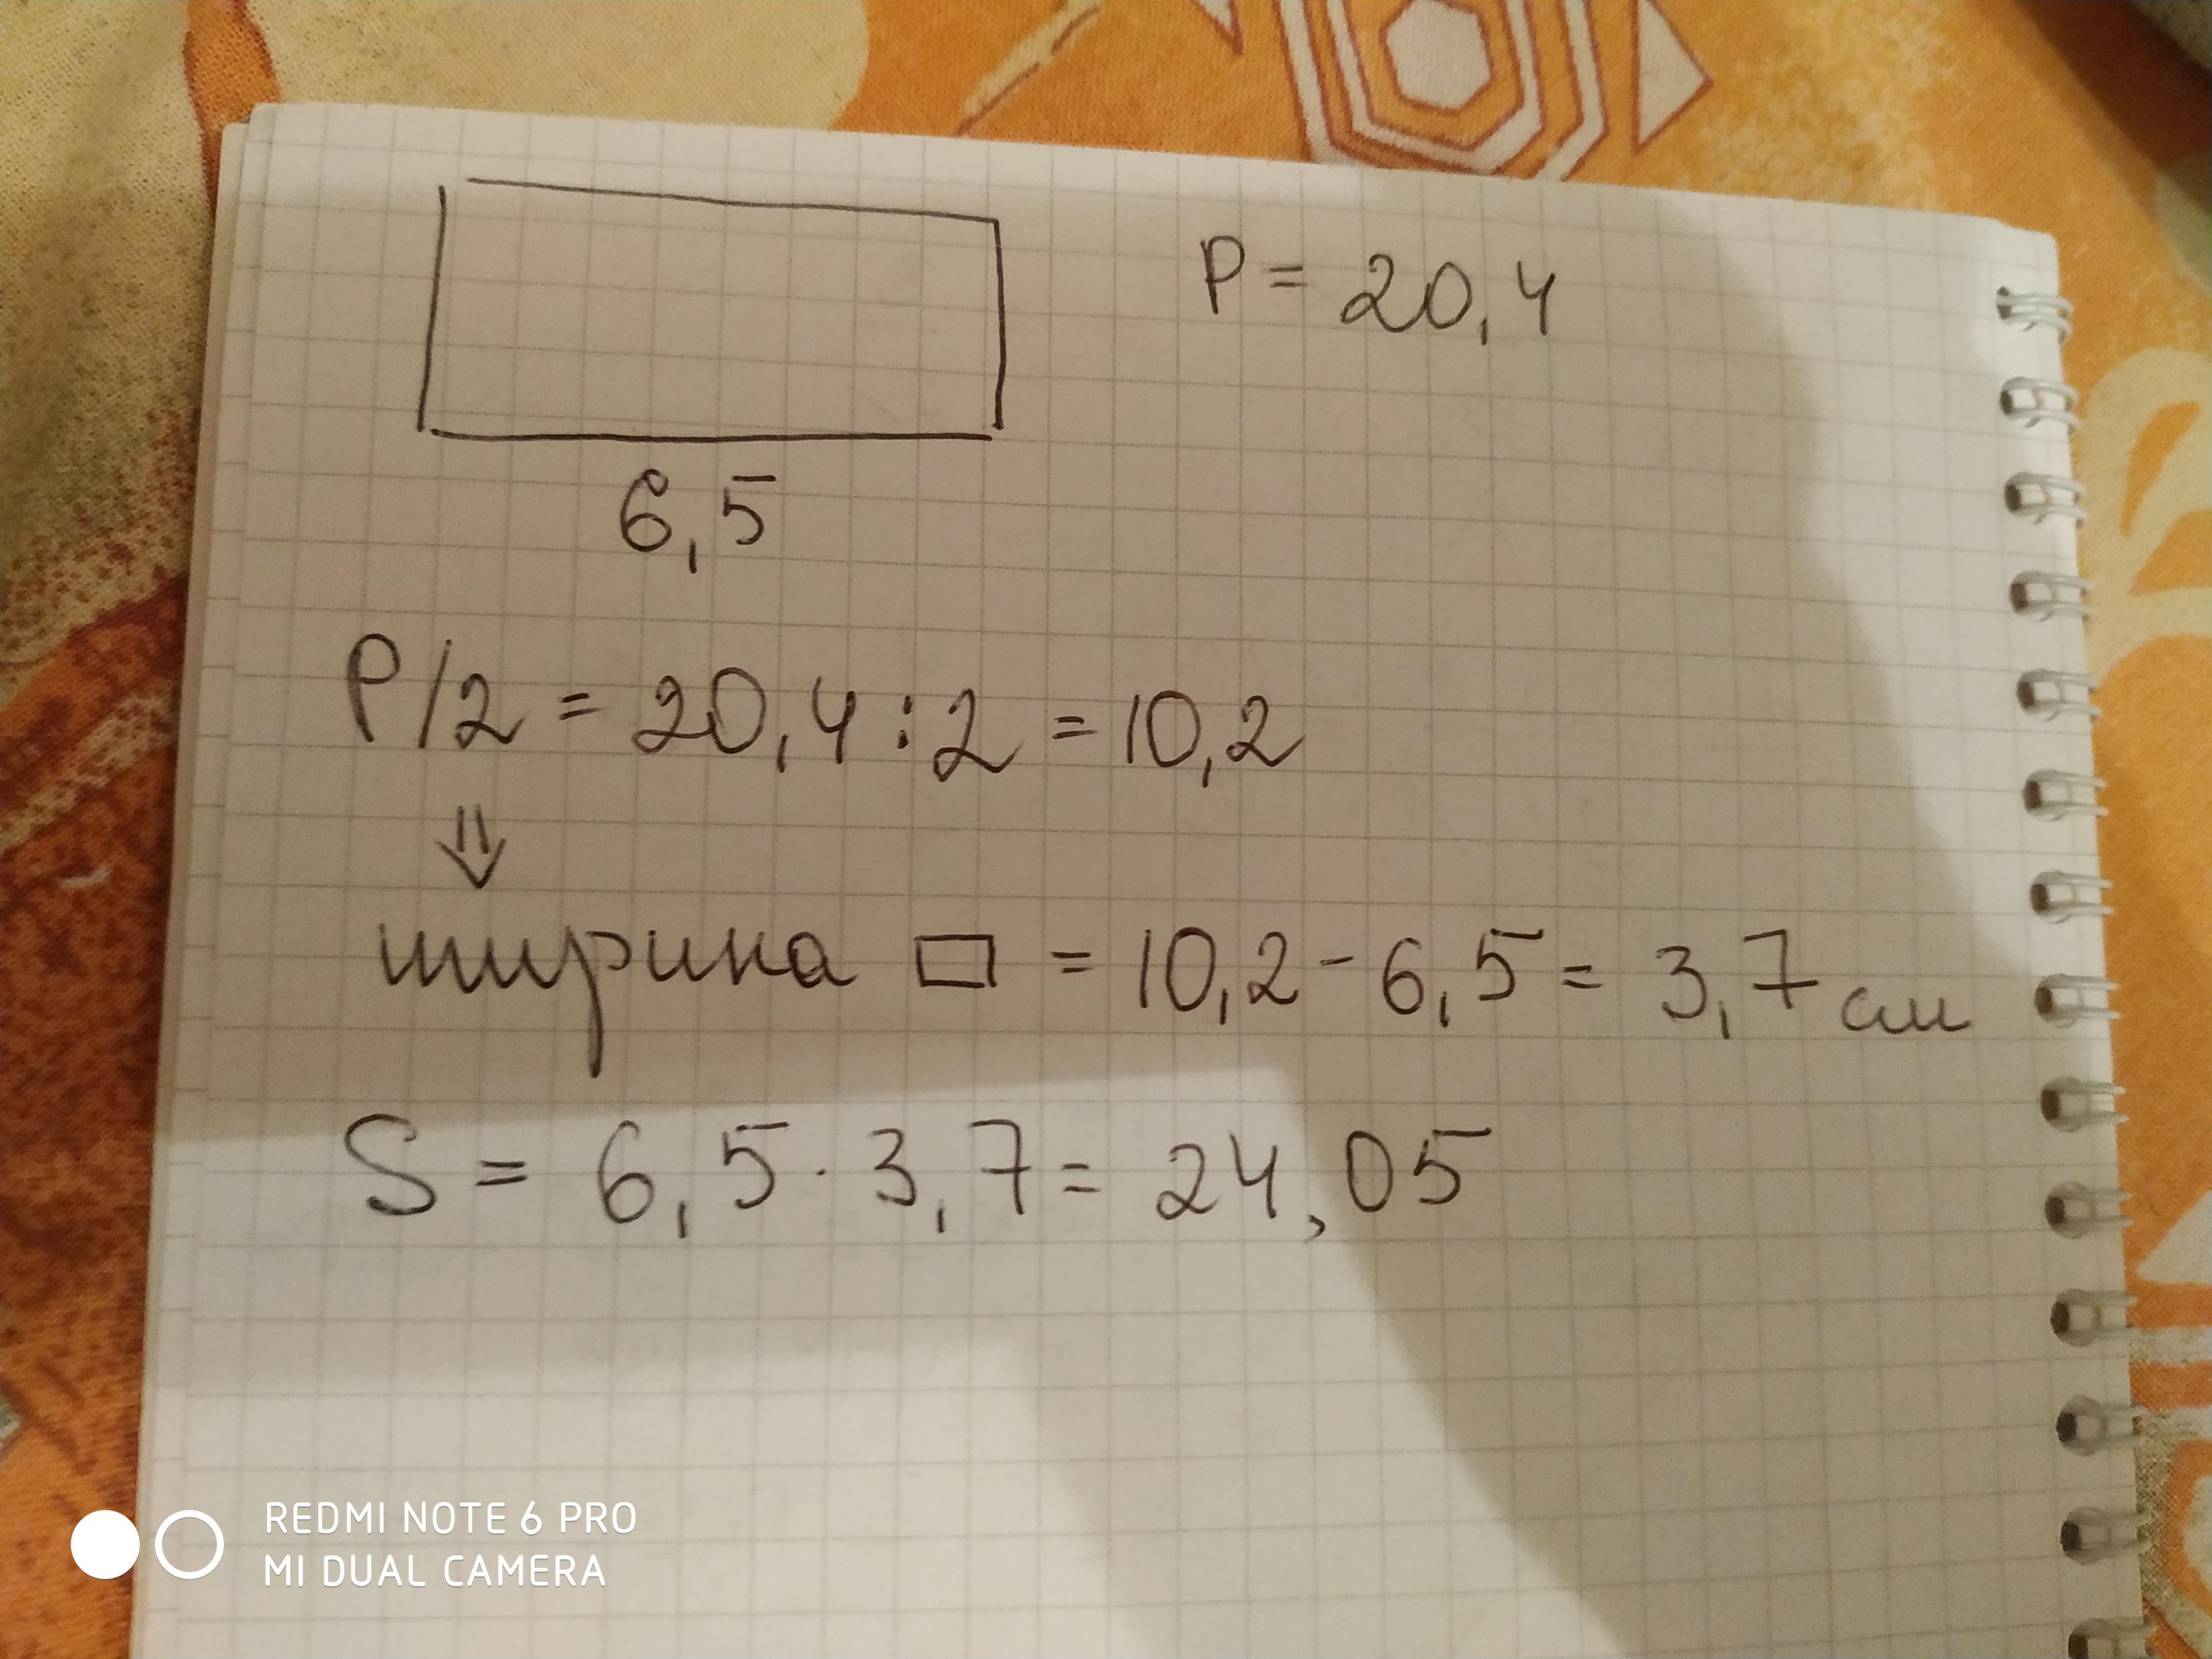 Периметр прямоугольника 20,4 см длина 6 1/2